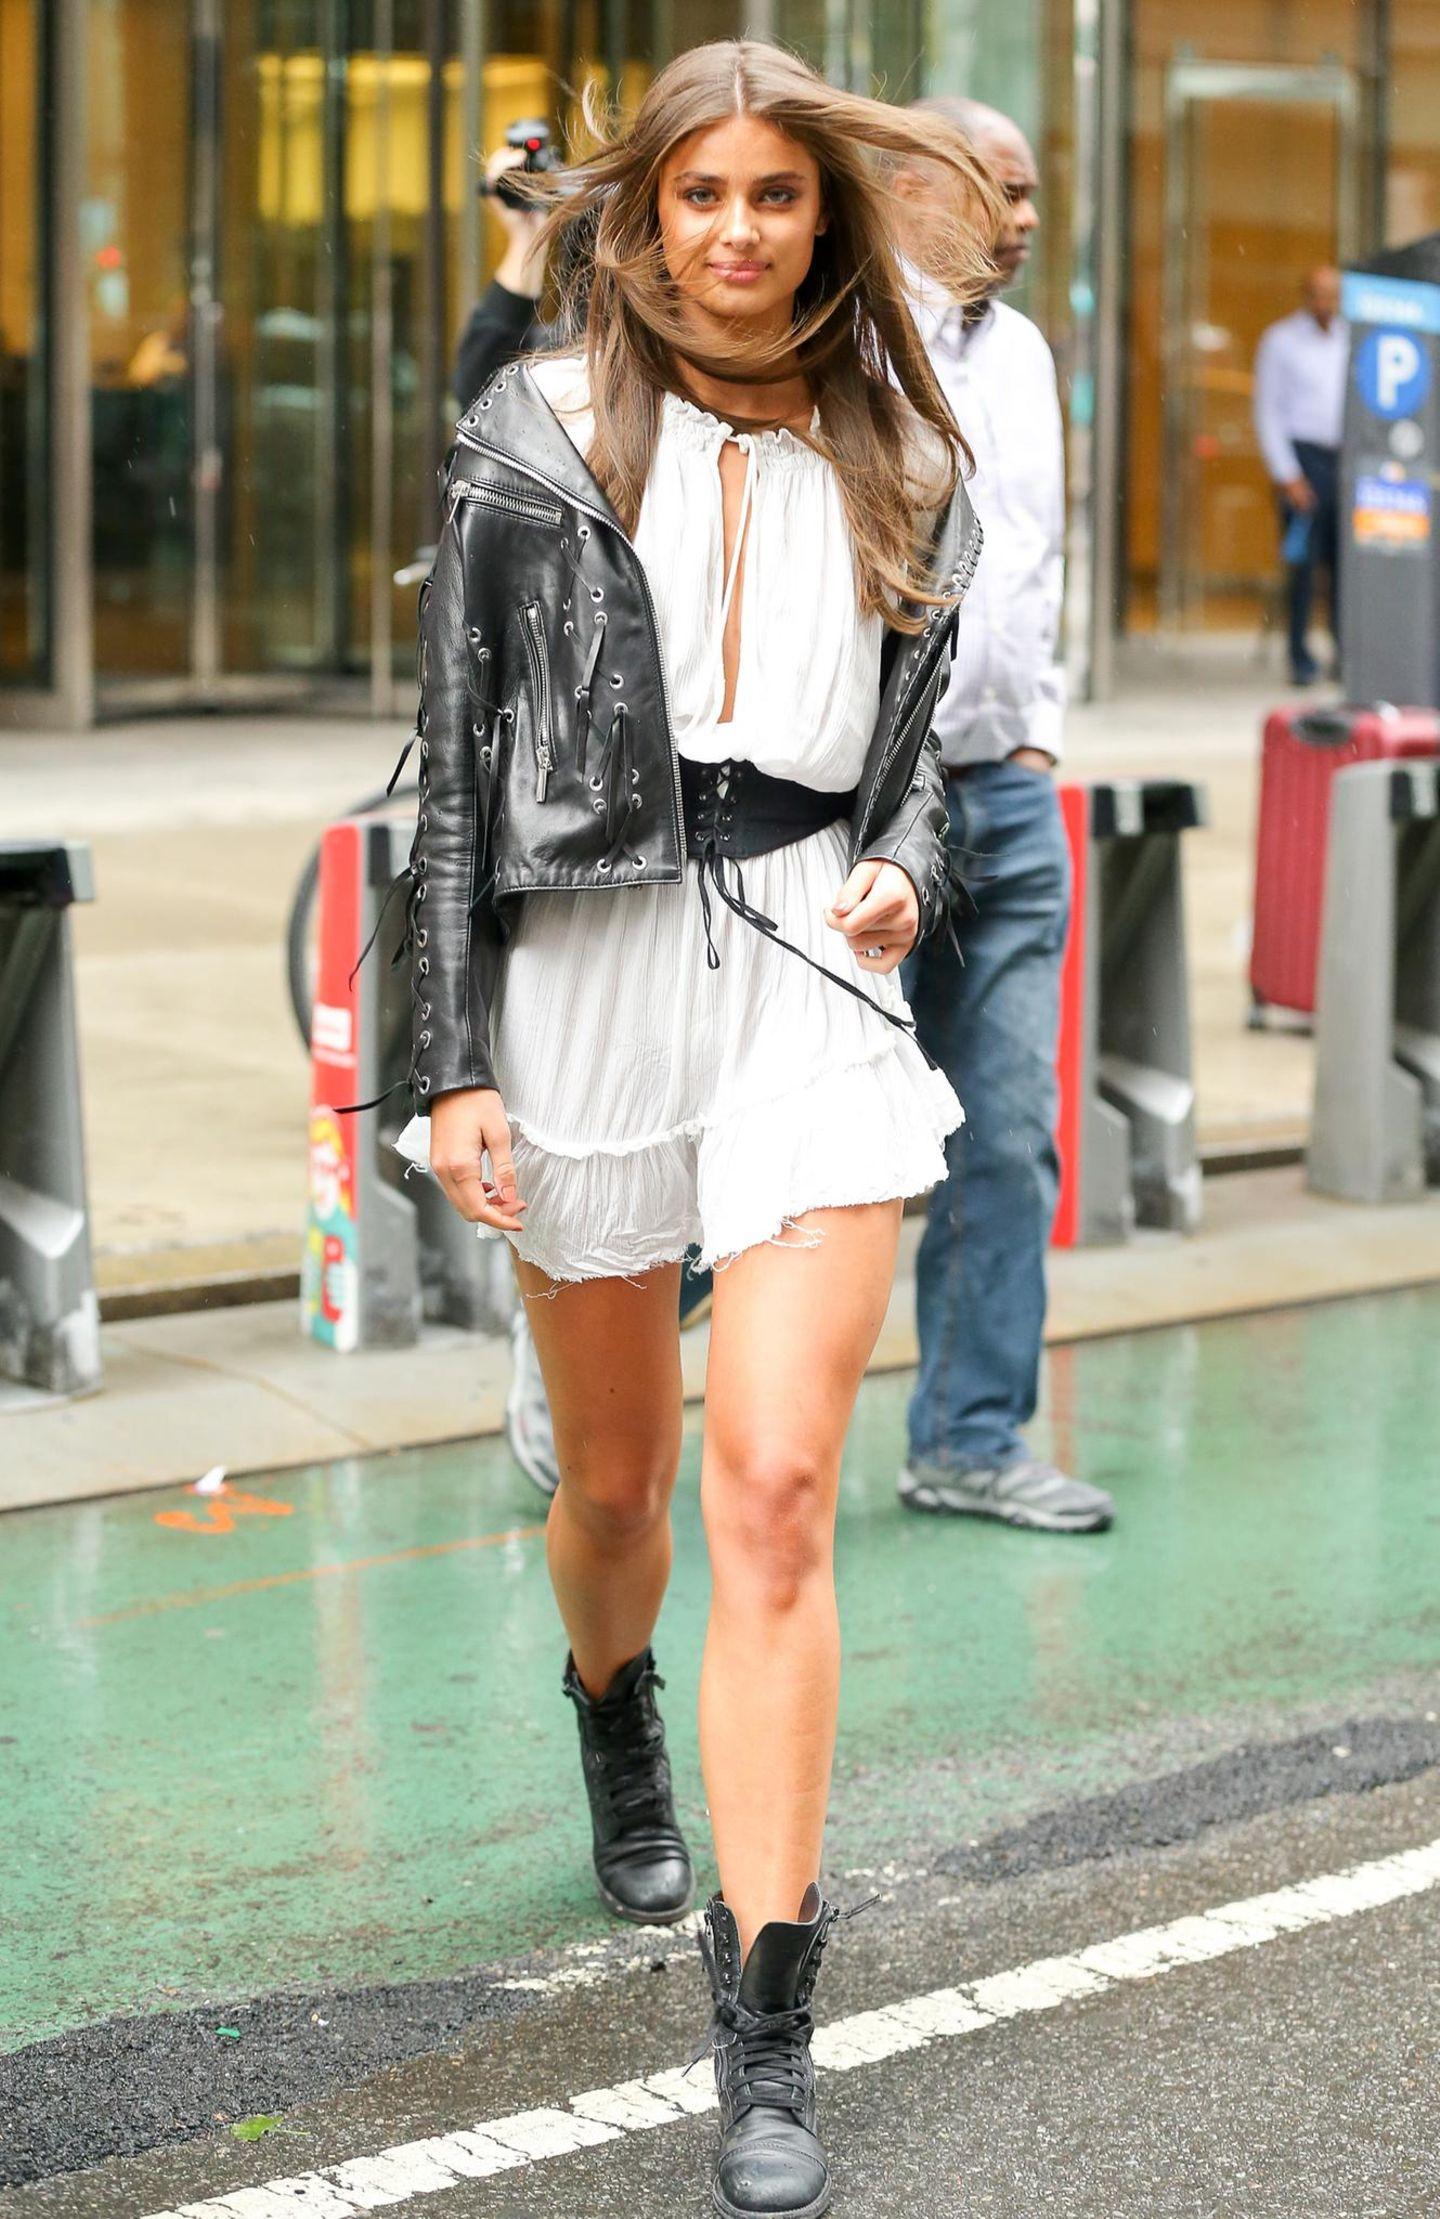 """Taylor Hills Erfolgsgeschichte klingt stark nach dem """"American Dream""""; im Alter von 14 Jahren wurde sie auf einer Pferderanch in Colorado entdeckt und modelte seitdem für die größten Modehäuser der Welt. Mit nur 21-Jahren läuft sie bereits zum vierten Mal über den Laufsteg von """"Victoria's Secret""""."""